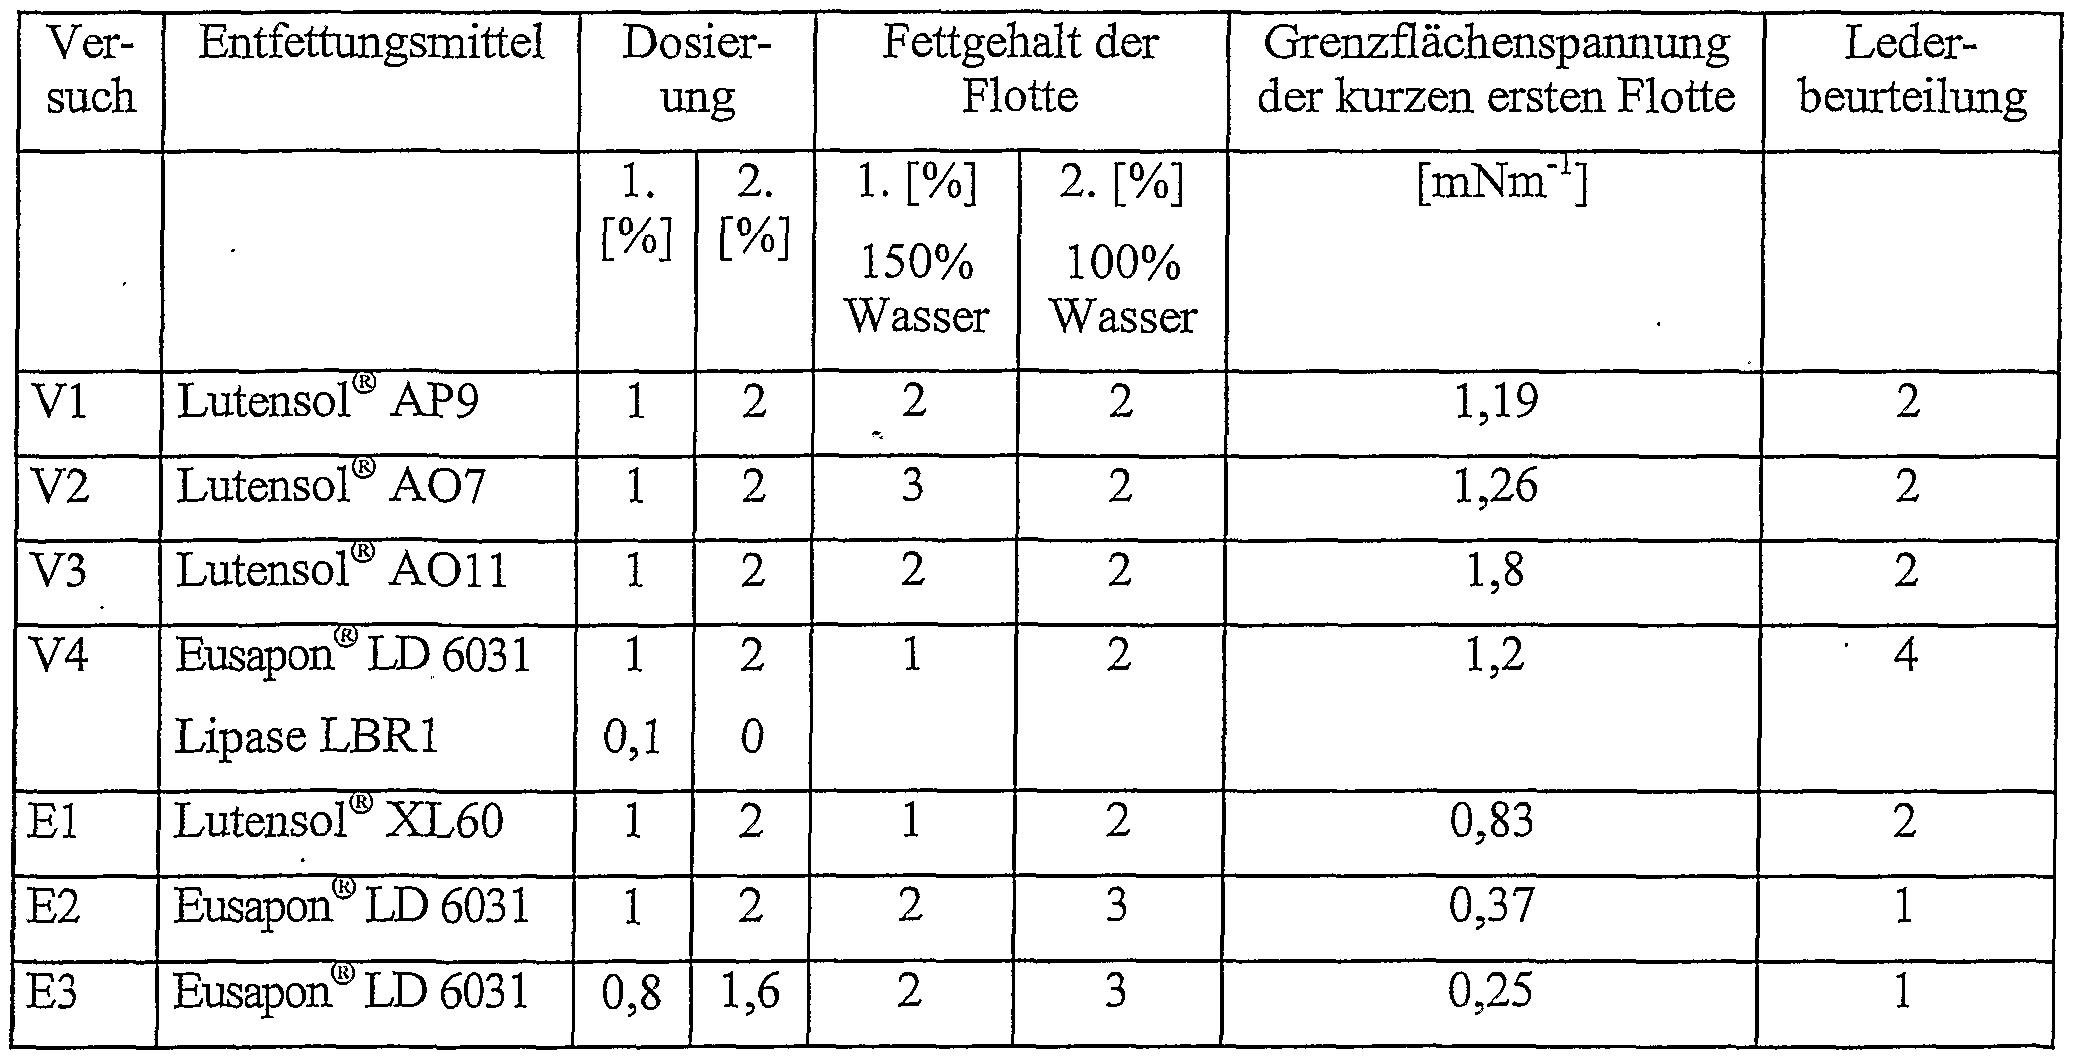 fettgehalt tabelle